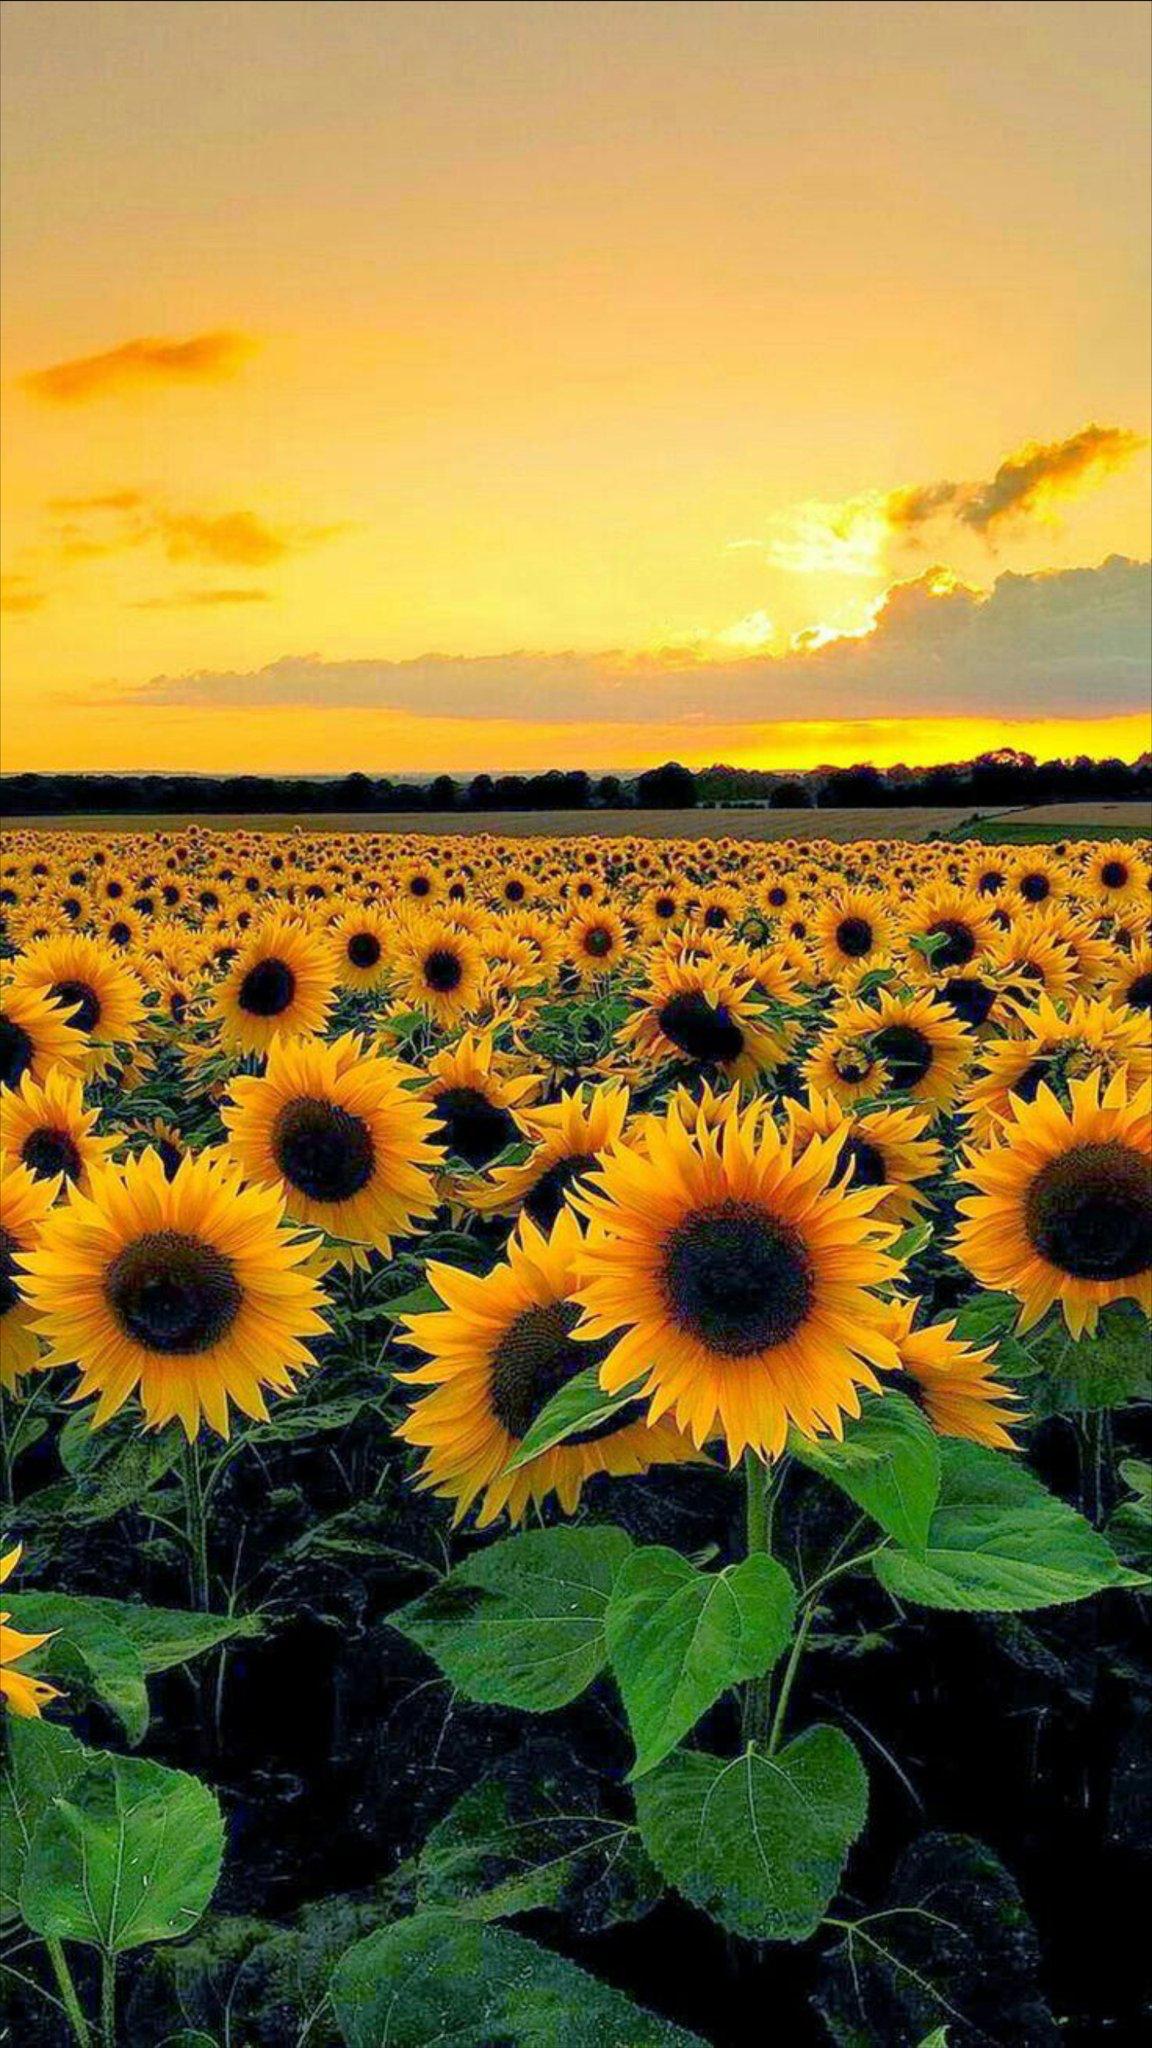 Buon Pomeriggio Immagini Belle Buona Serata Immagini